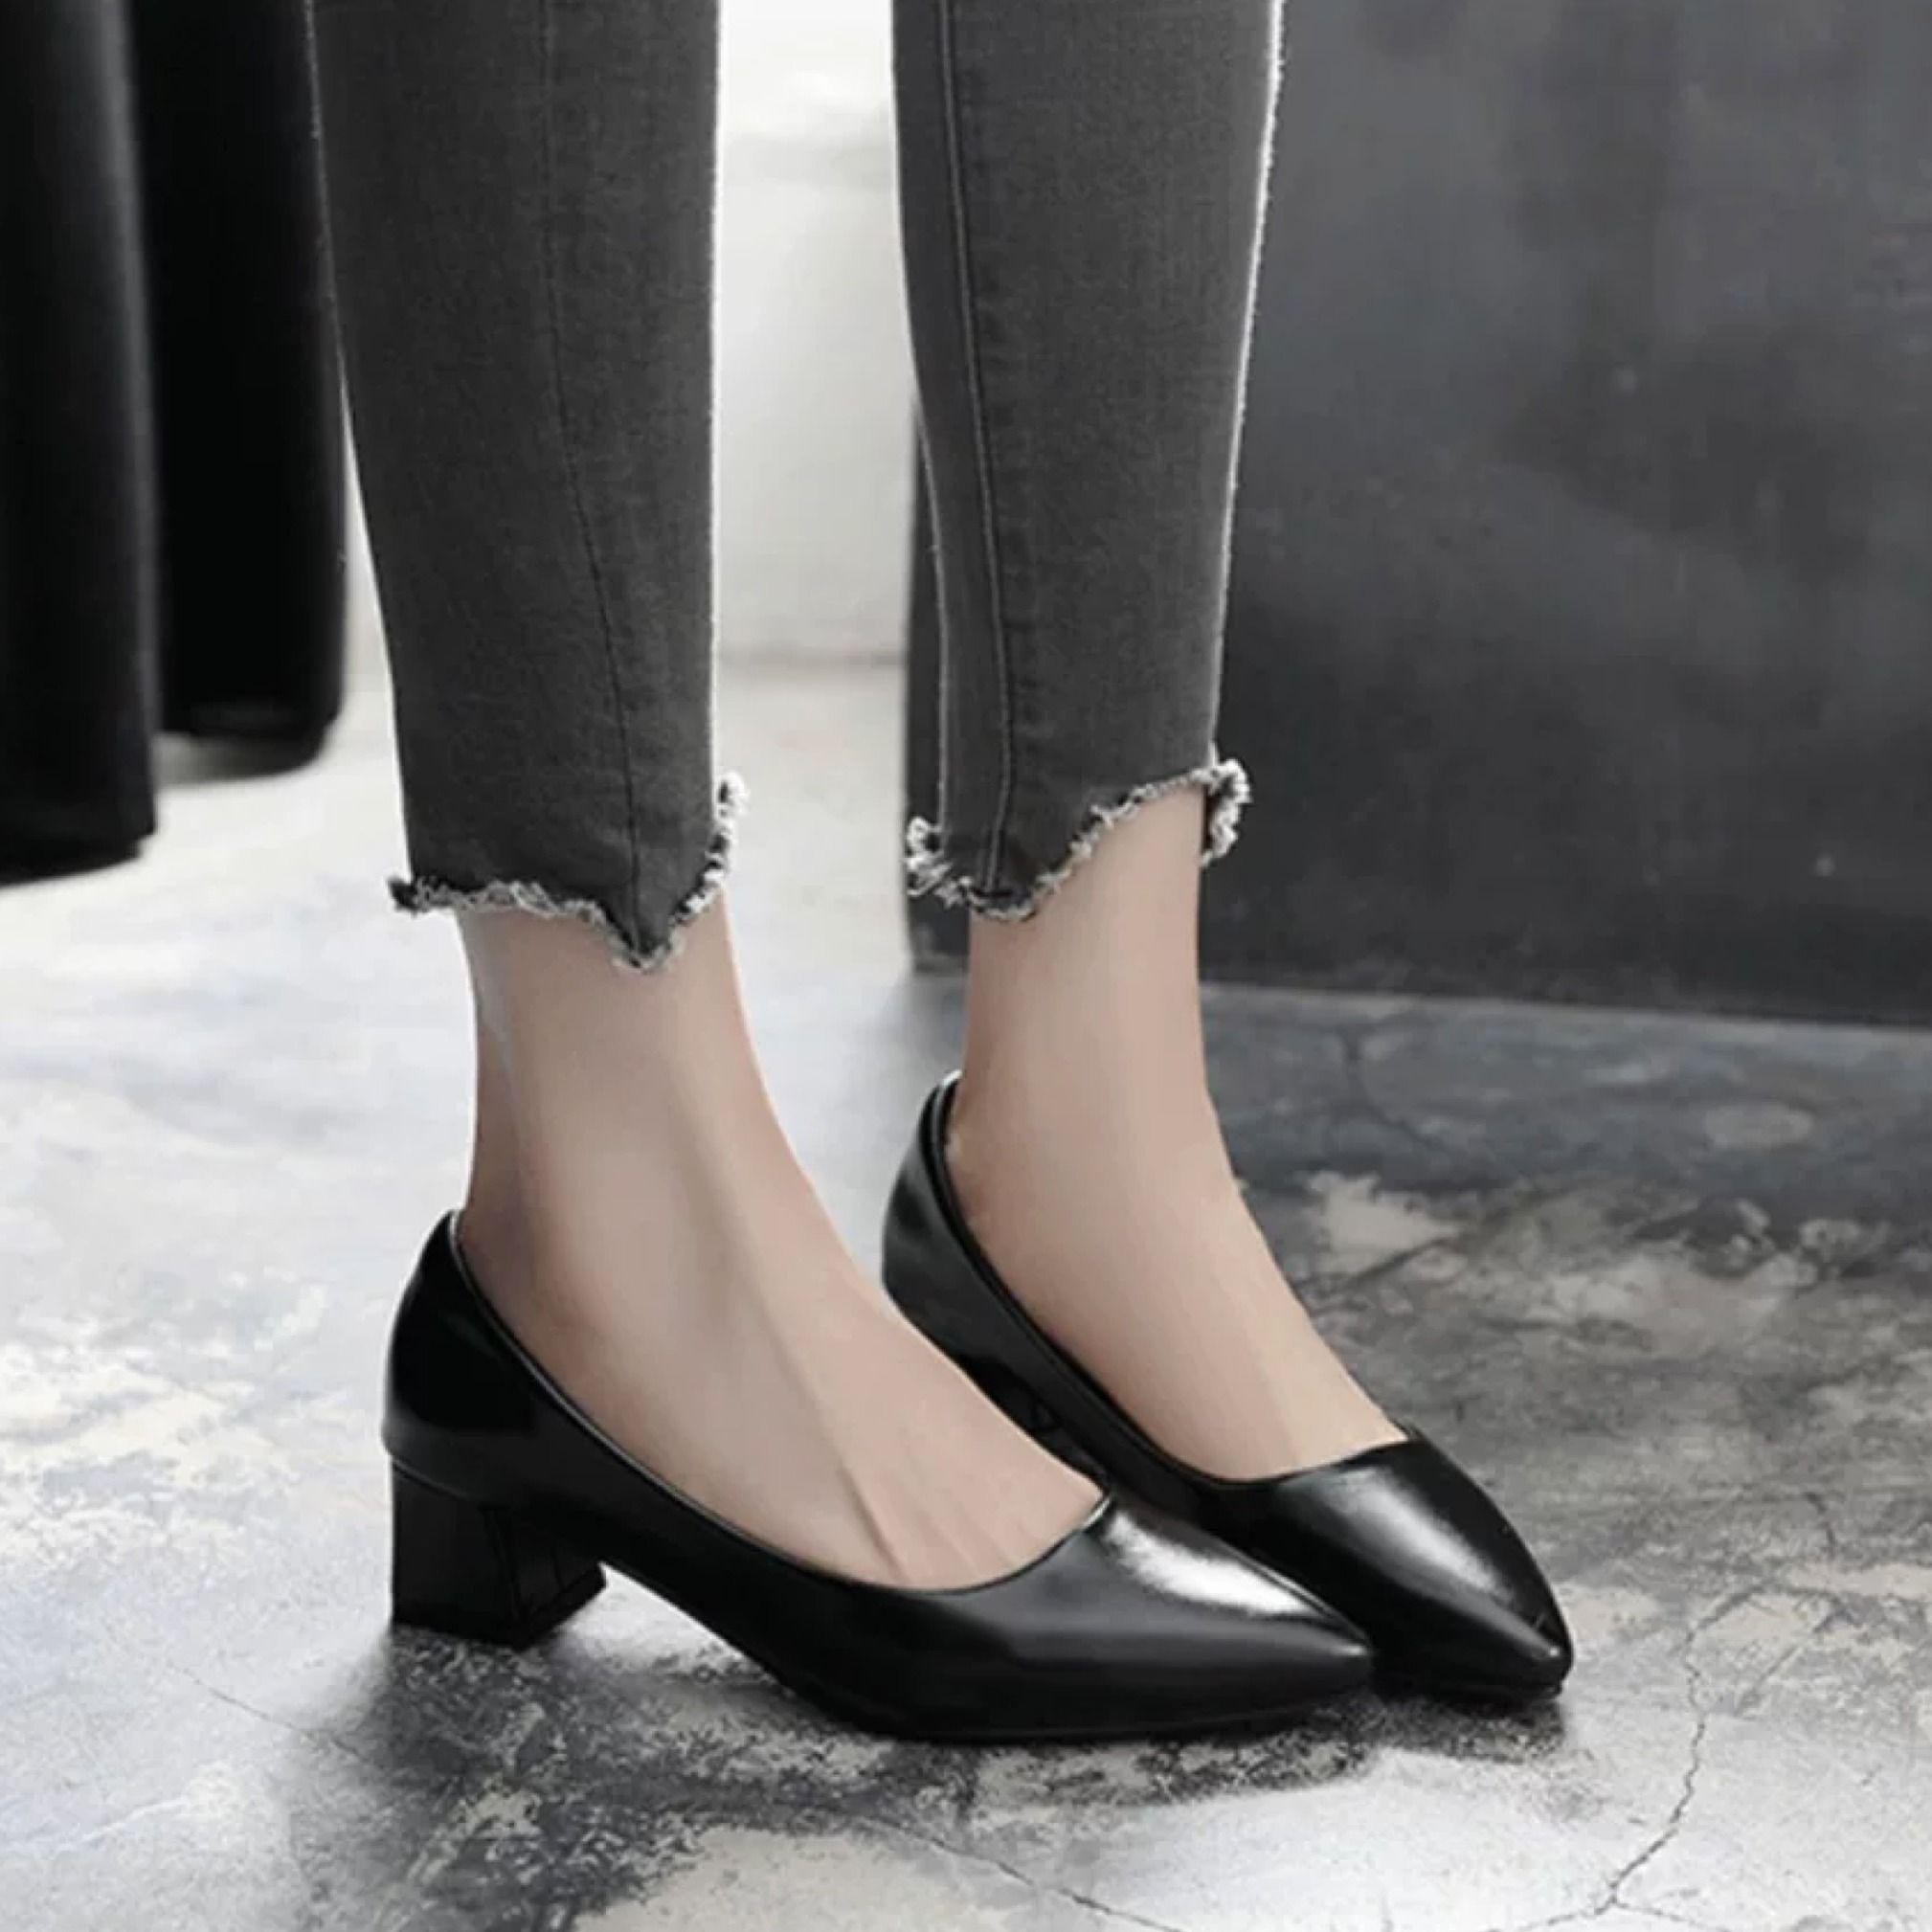 ⭐👠รองเท้าส้นสูง หัวแหลม ส้นเข็ม ใส่สบาย New Fshion รองเท้าคัชชูหัวแหลม  รองเท้าแฟชั่นรองเท้าทำงานหญิงสัมภาษณ์งานสีดำชี้ร